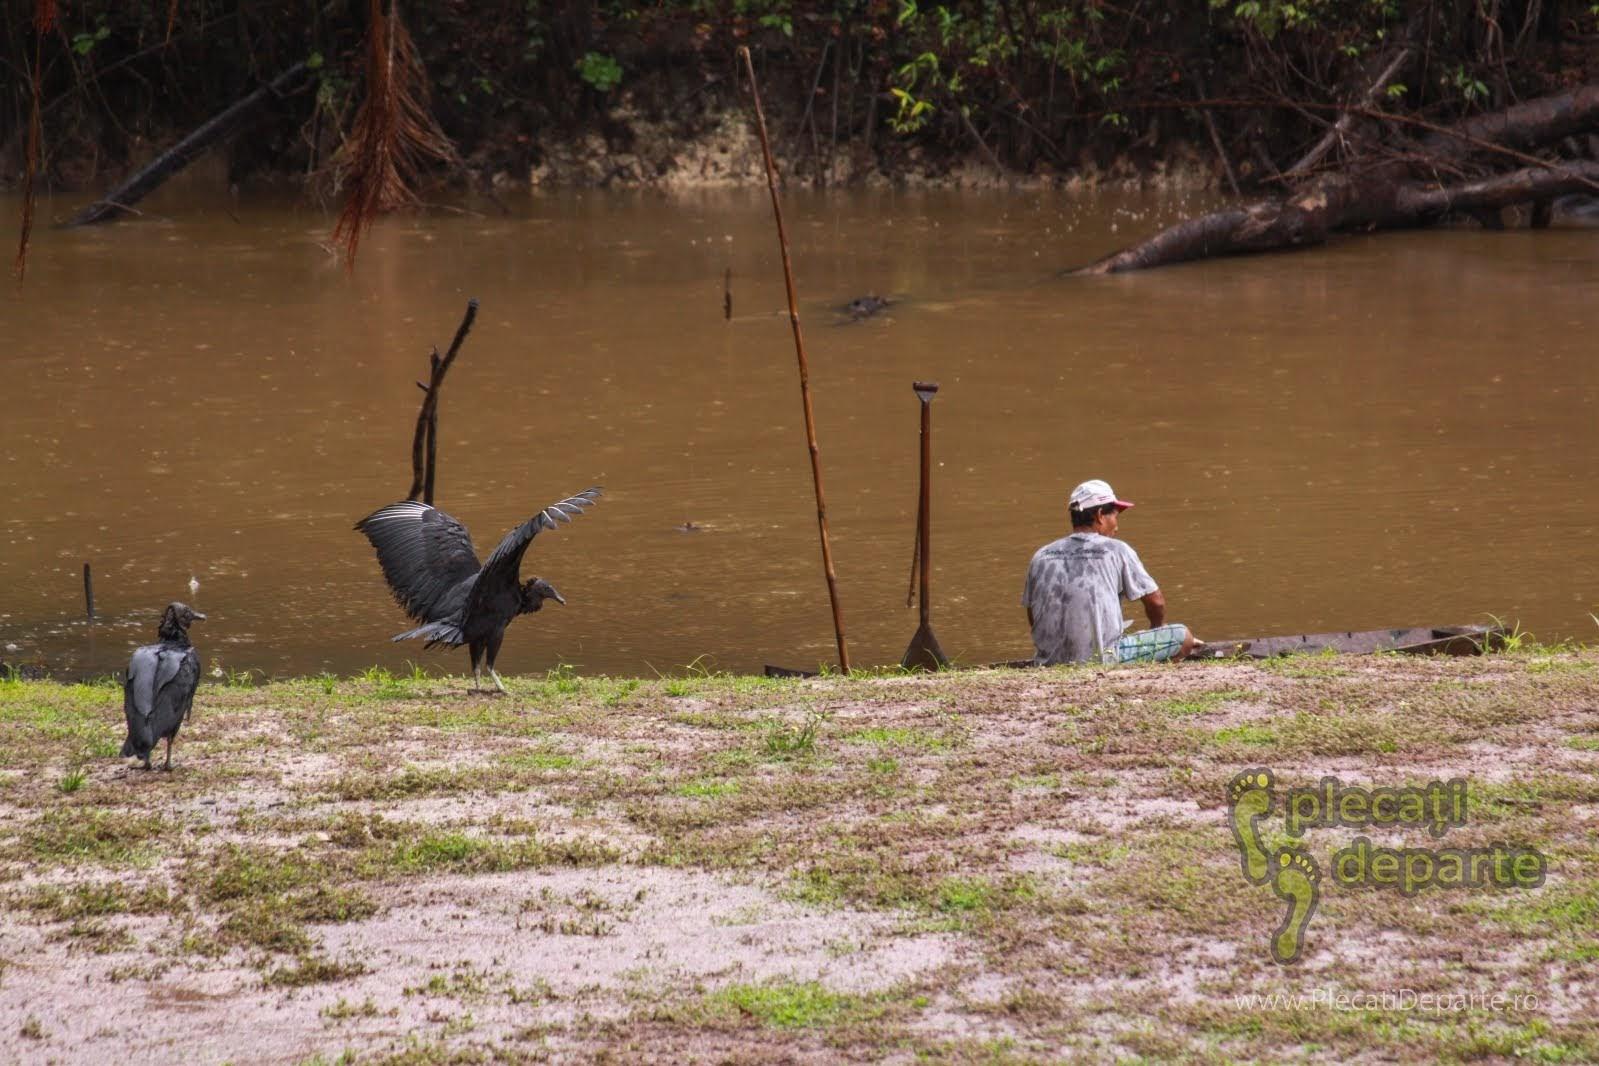 Gallinazos, vultur-negru, care asteapta resturi de la un pescar ce curata pestii, in jungla amazoniana, in Rezervatia Nationala Pacaya-Samiria, Peru